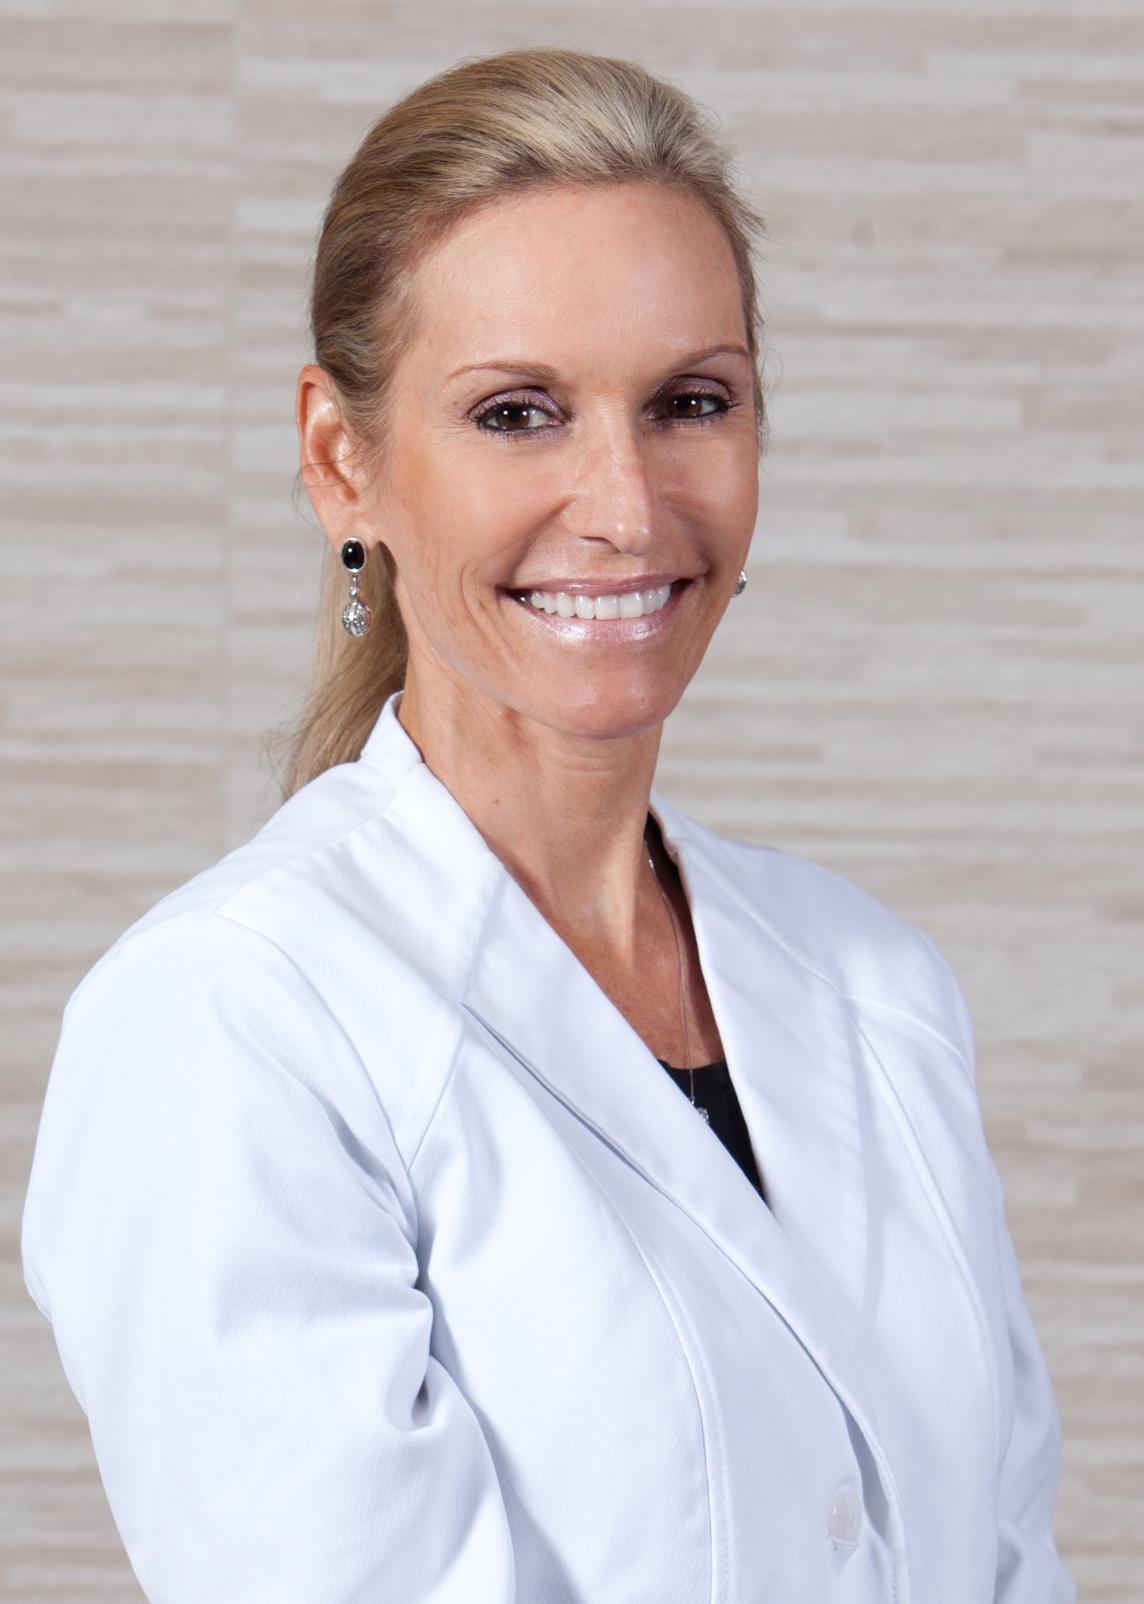 Karen Goodall, Master Aesthetician